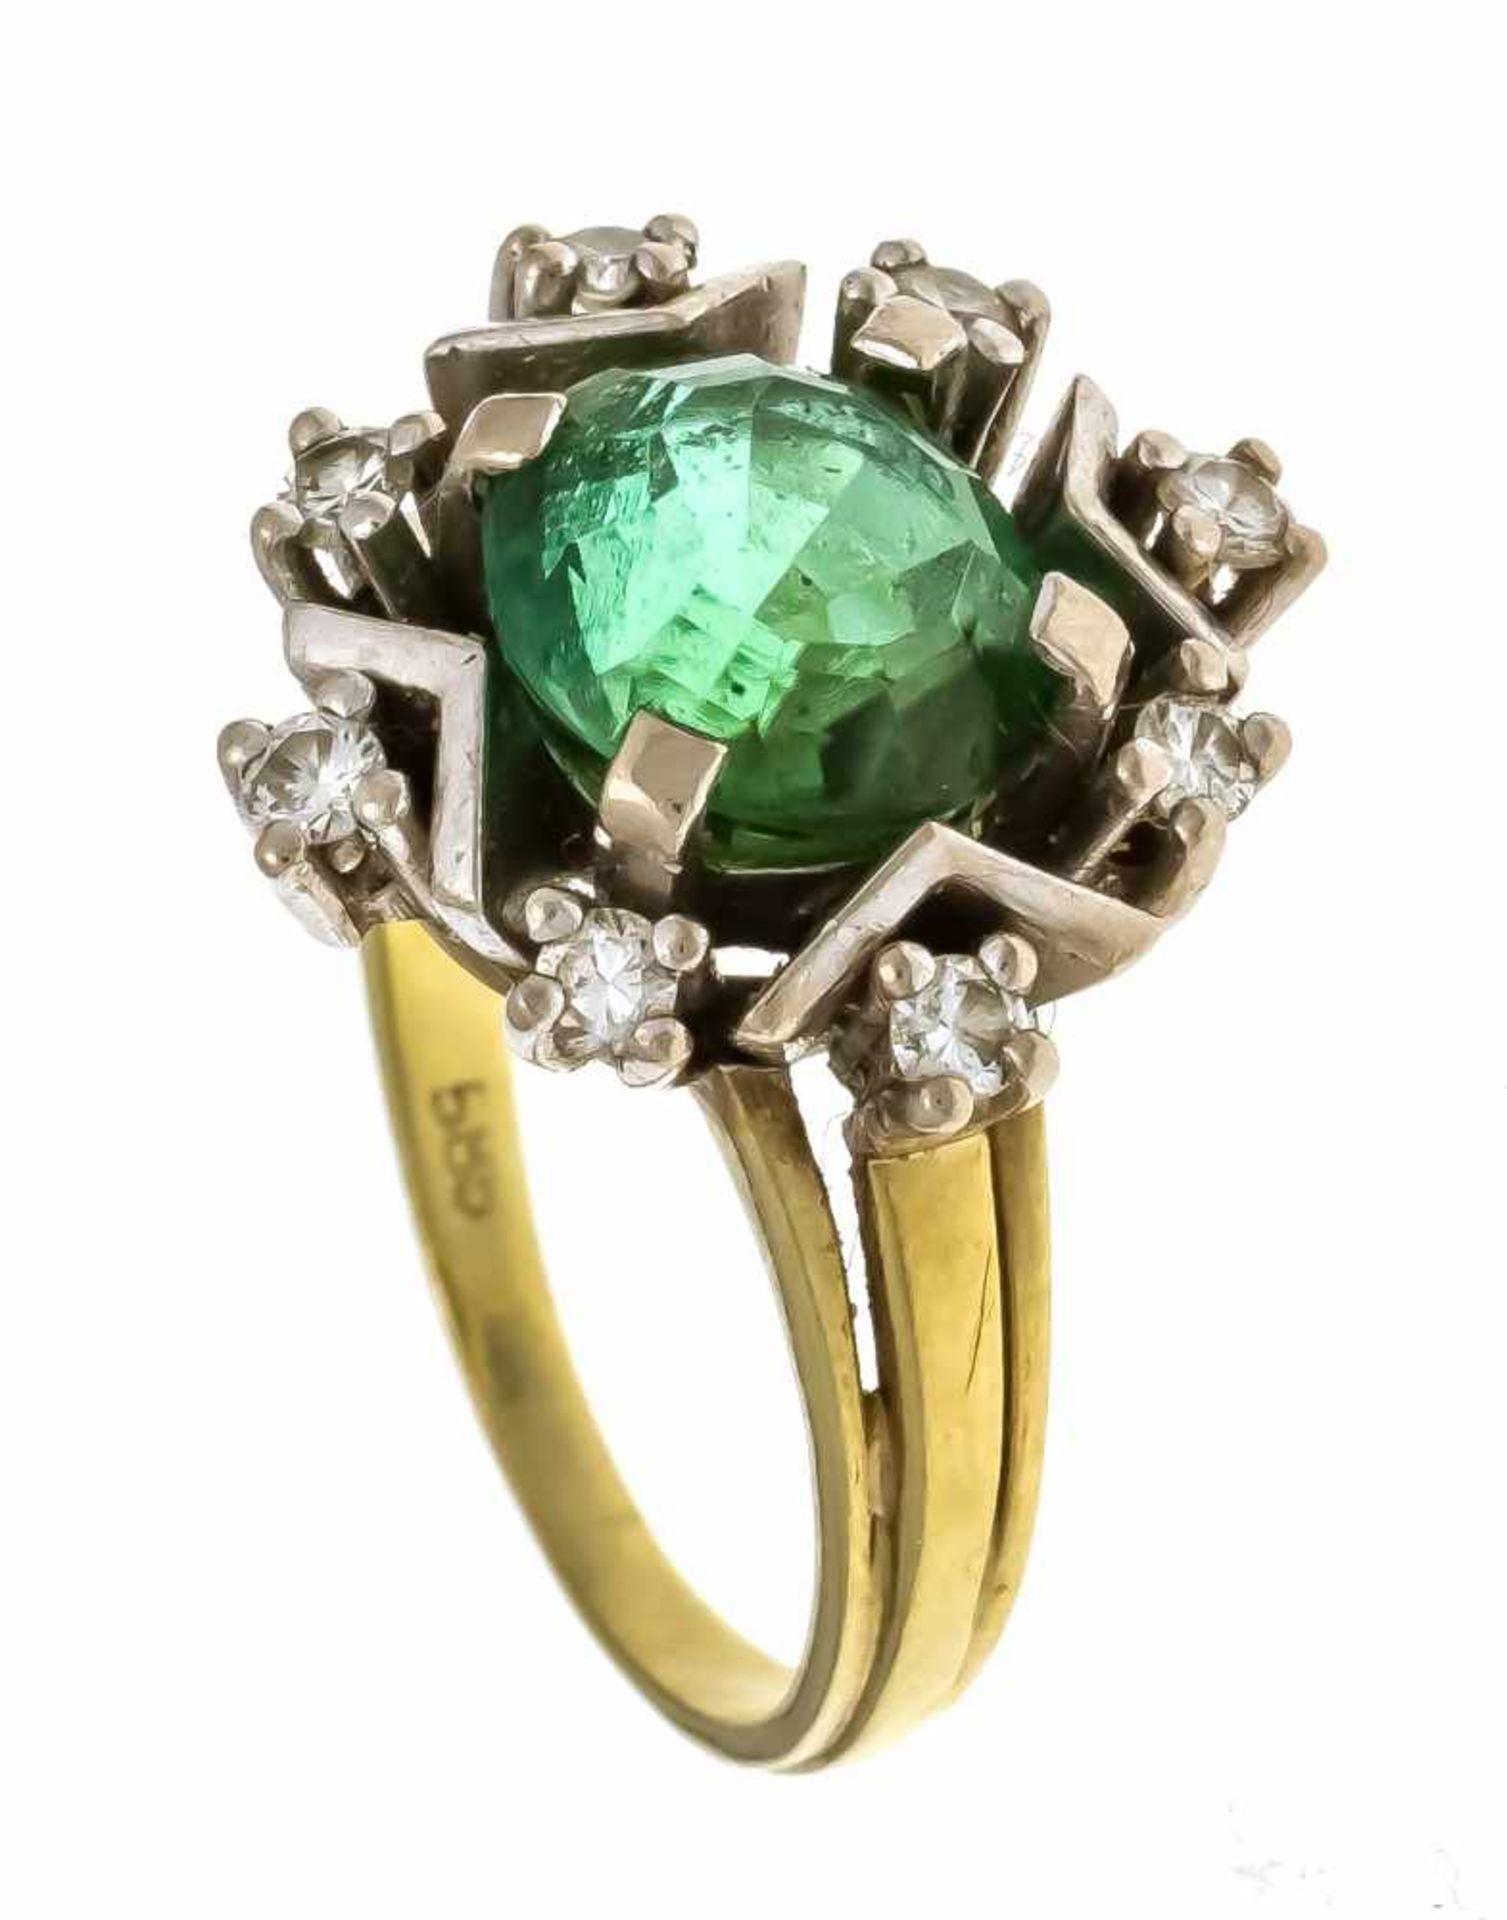 Turmalin-Brillant-Ring GG/WG 585/000 mit einem rund fac., bläulich-grünen Turmalin 9 x 6,5 mm und